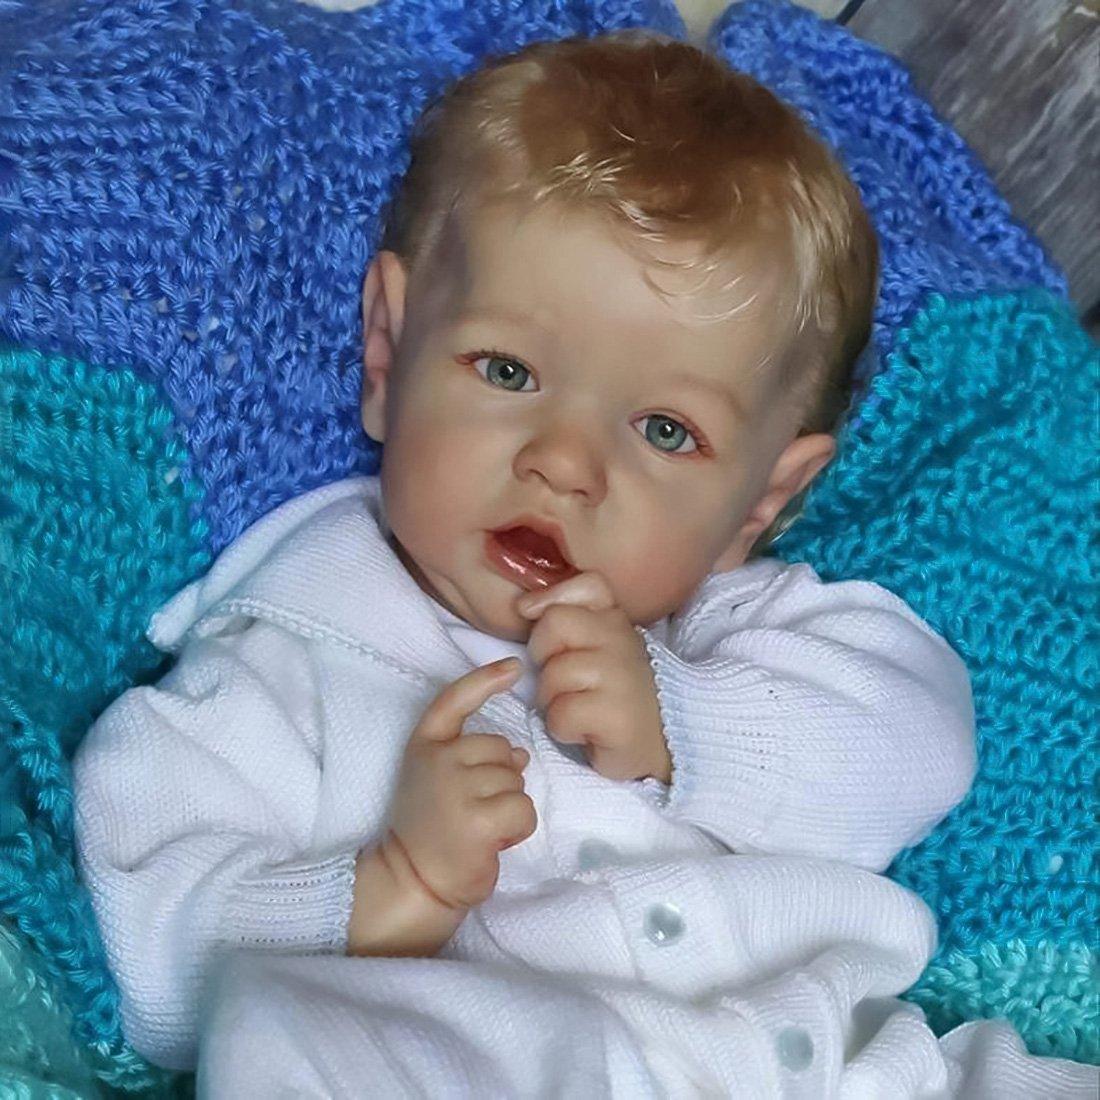 Réaliste Bebe Reborn Poupée bébé Souple 22 Pouces Lifelike Mignon Nouveau-né Reborn Baby Dolls Garçon Fille Jouets